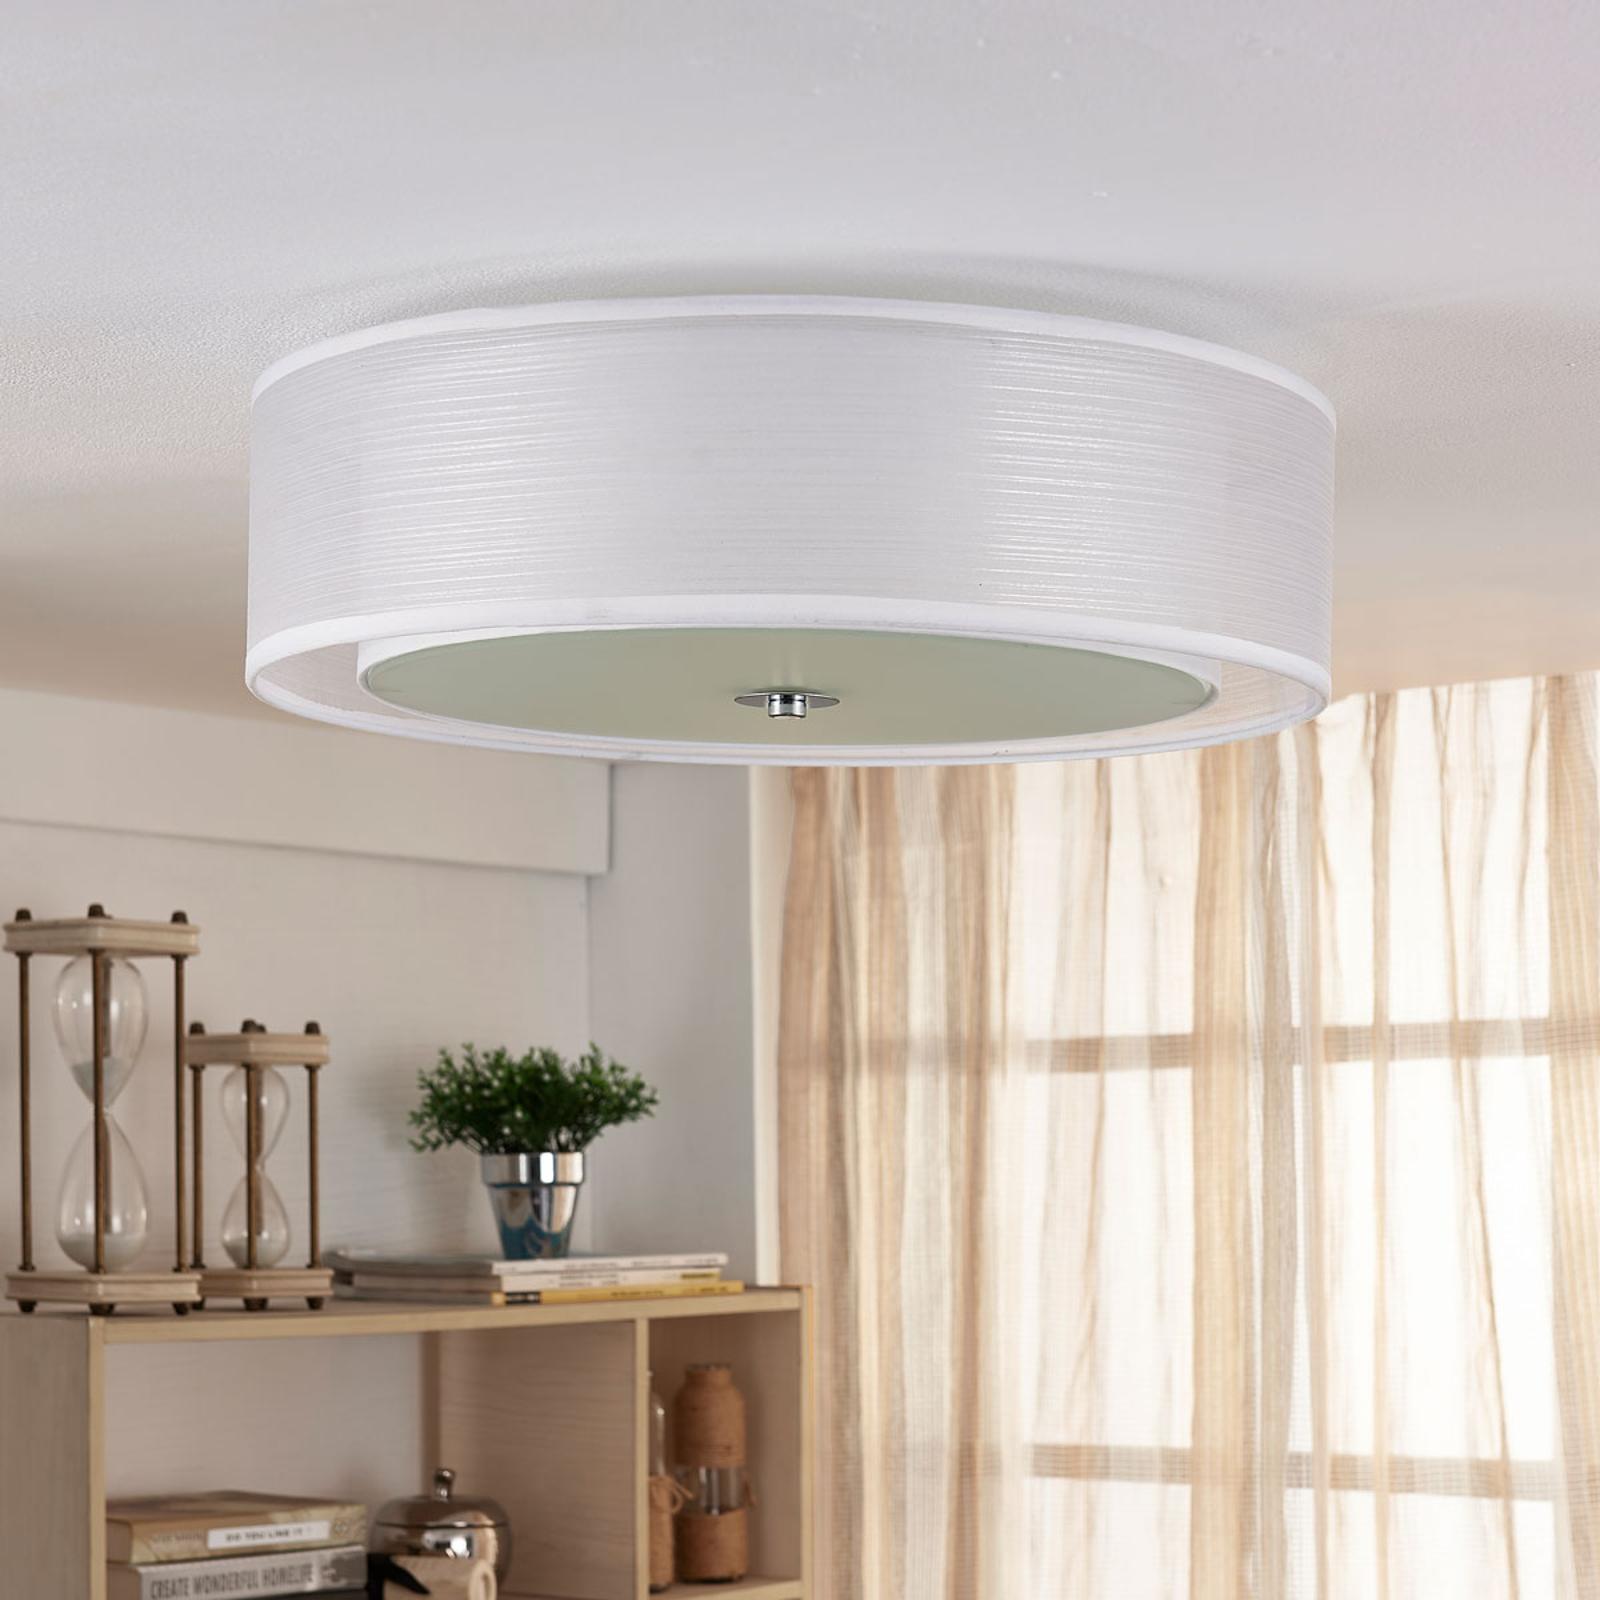 Tobia - stropní LED světlo Easydim, bílá tkanina